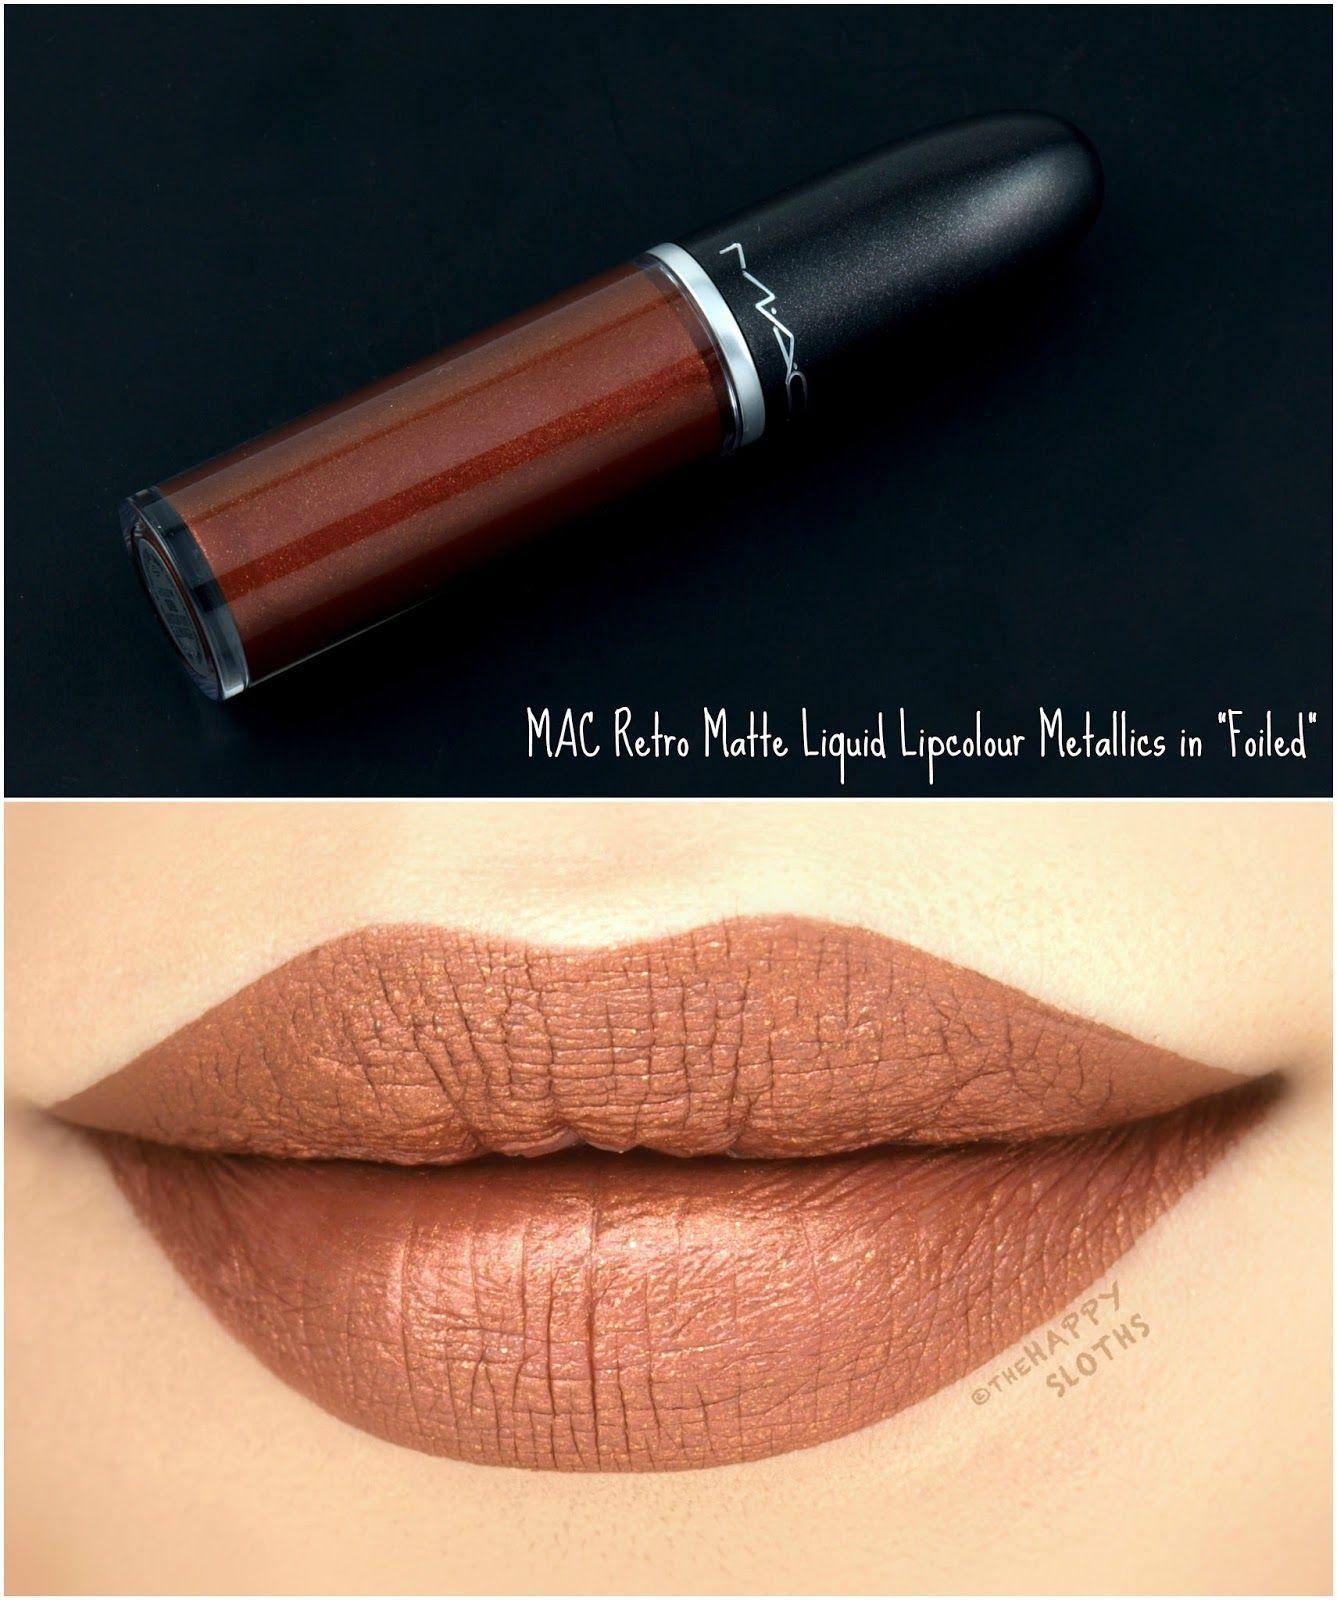 Mac Retro Matte Liquid Lipcolour Metallics Review And